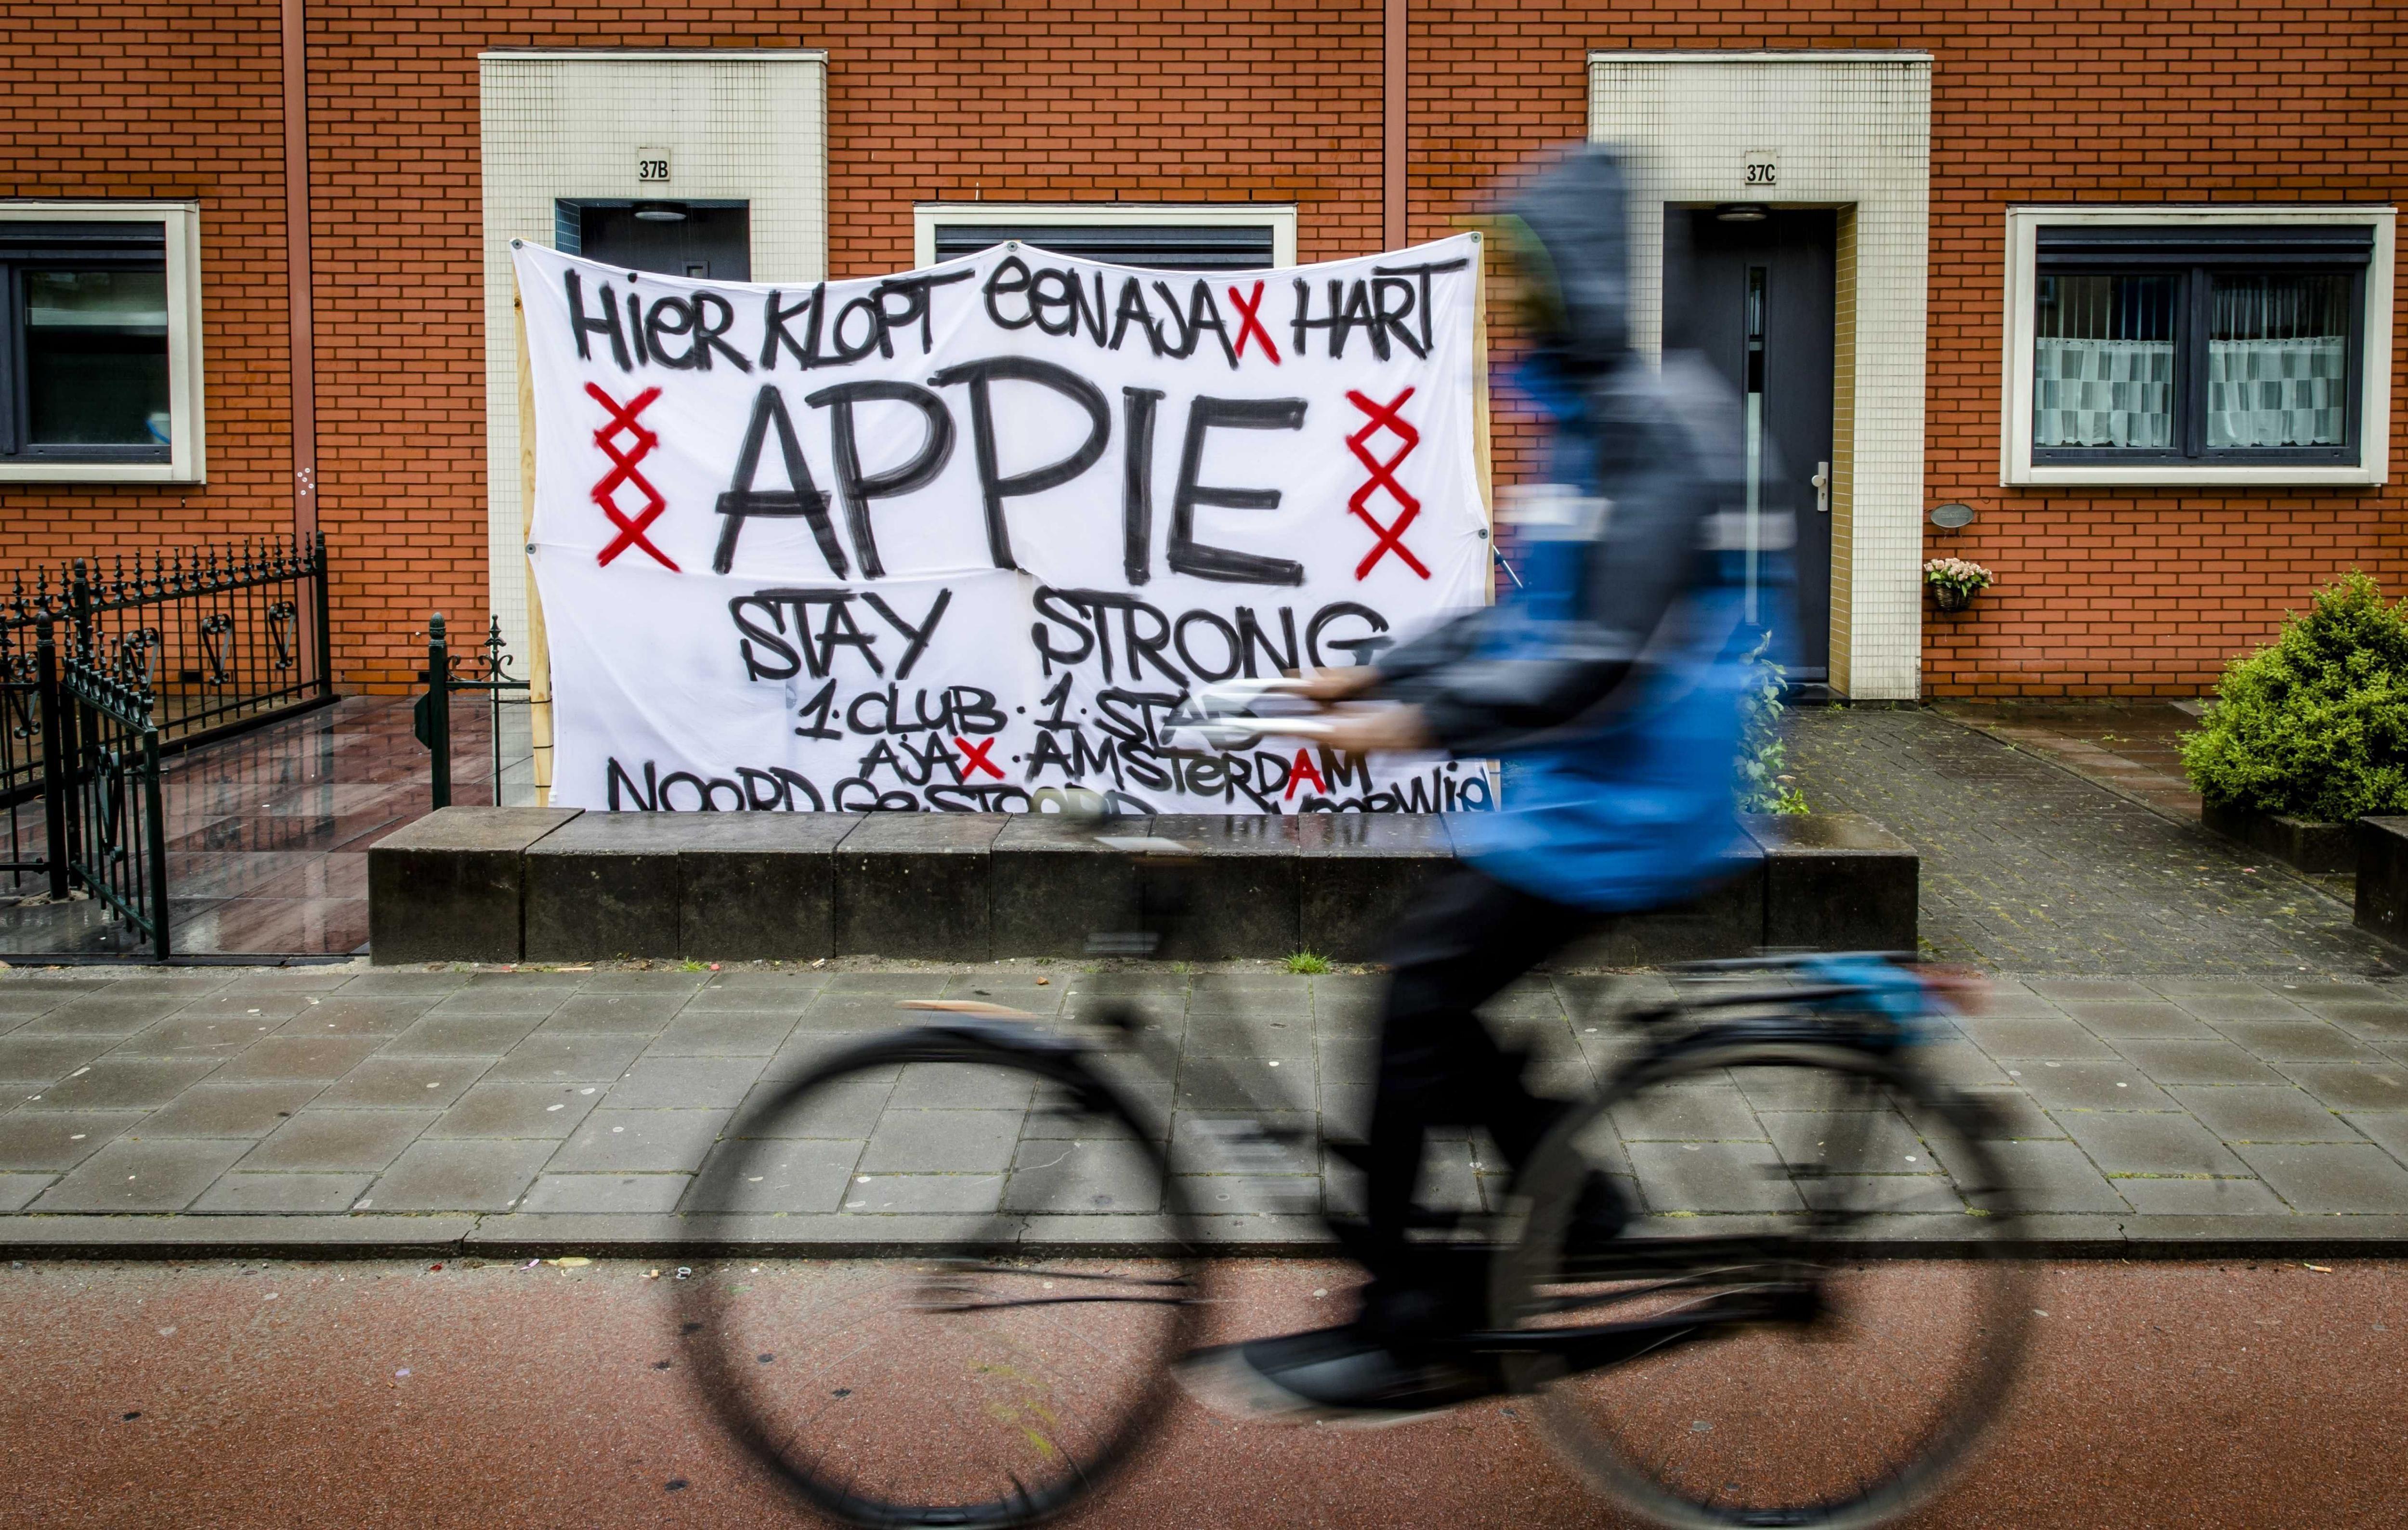 Los mensajes de apoyo inundaron las calles de Amsterdam